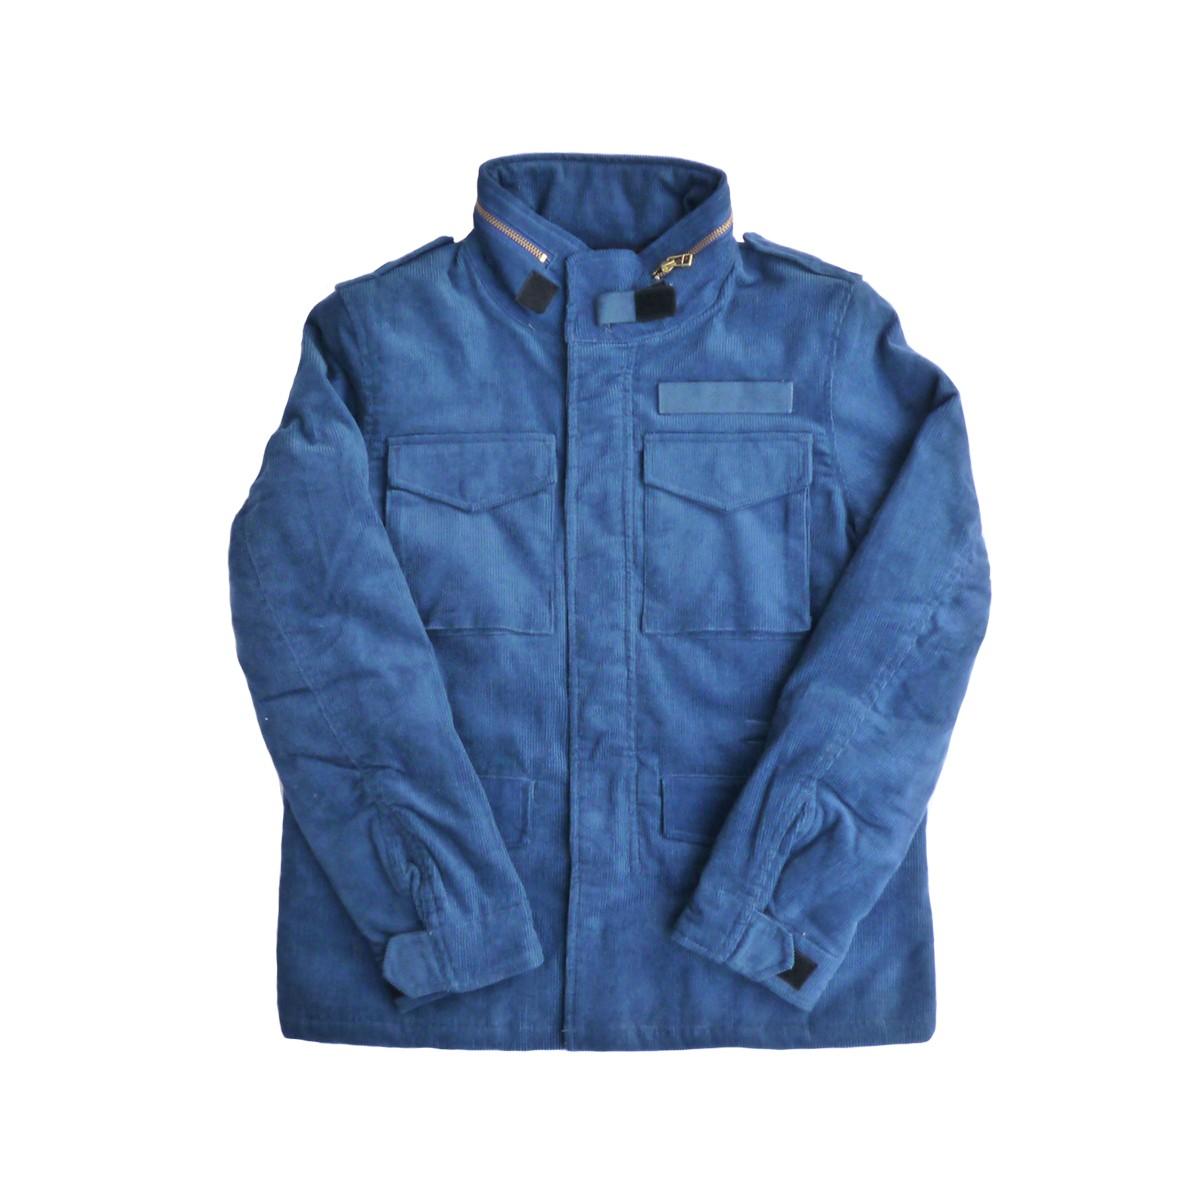 画像1: 【セール 77%OFF】BACK HEAD バックヘッド コーデュロイボアM-65ジャケット ネイビー メンズ (1)